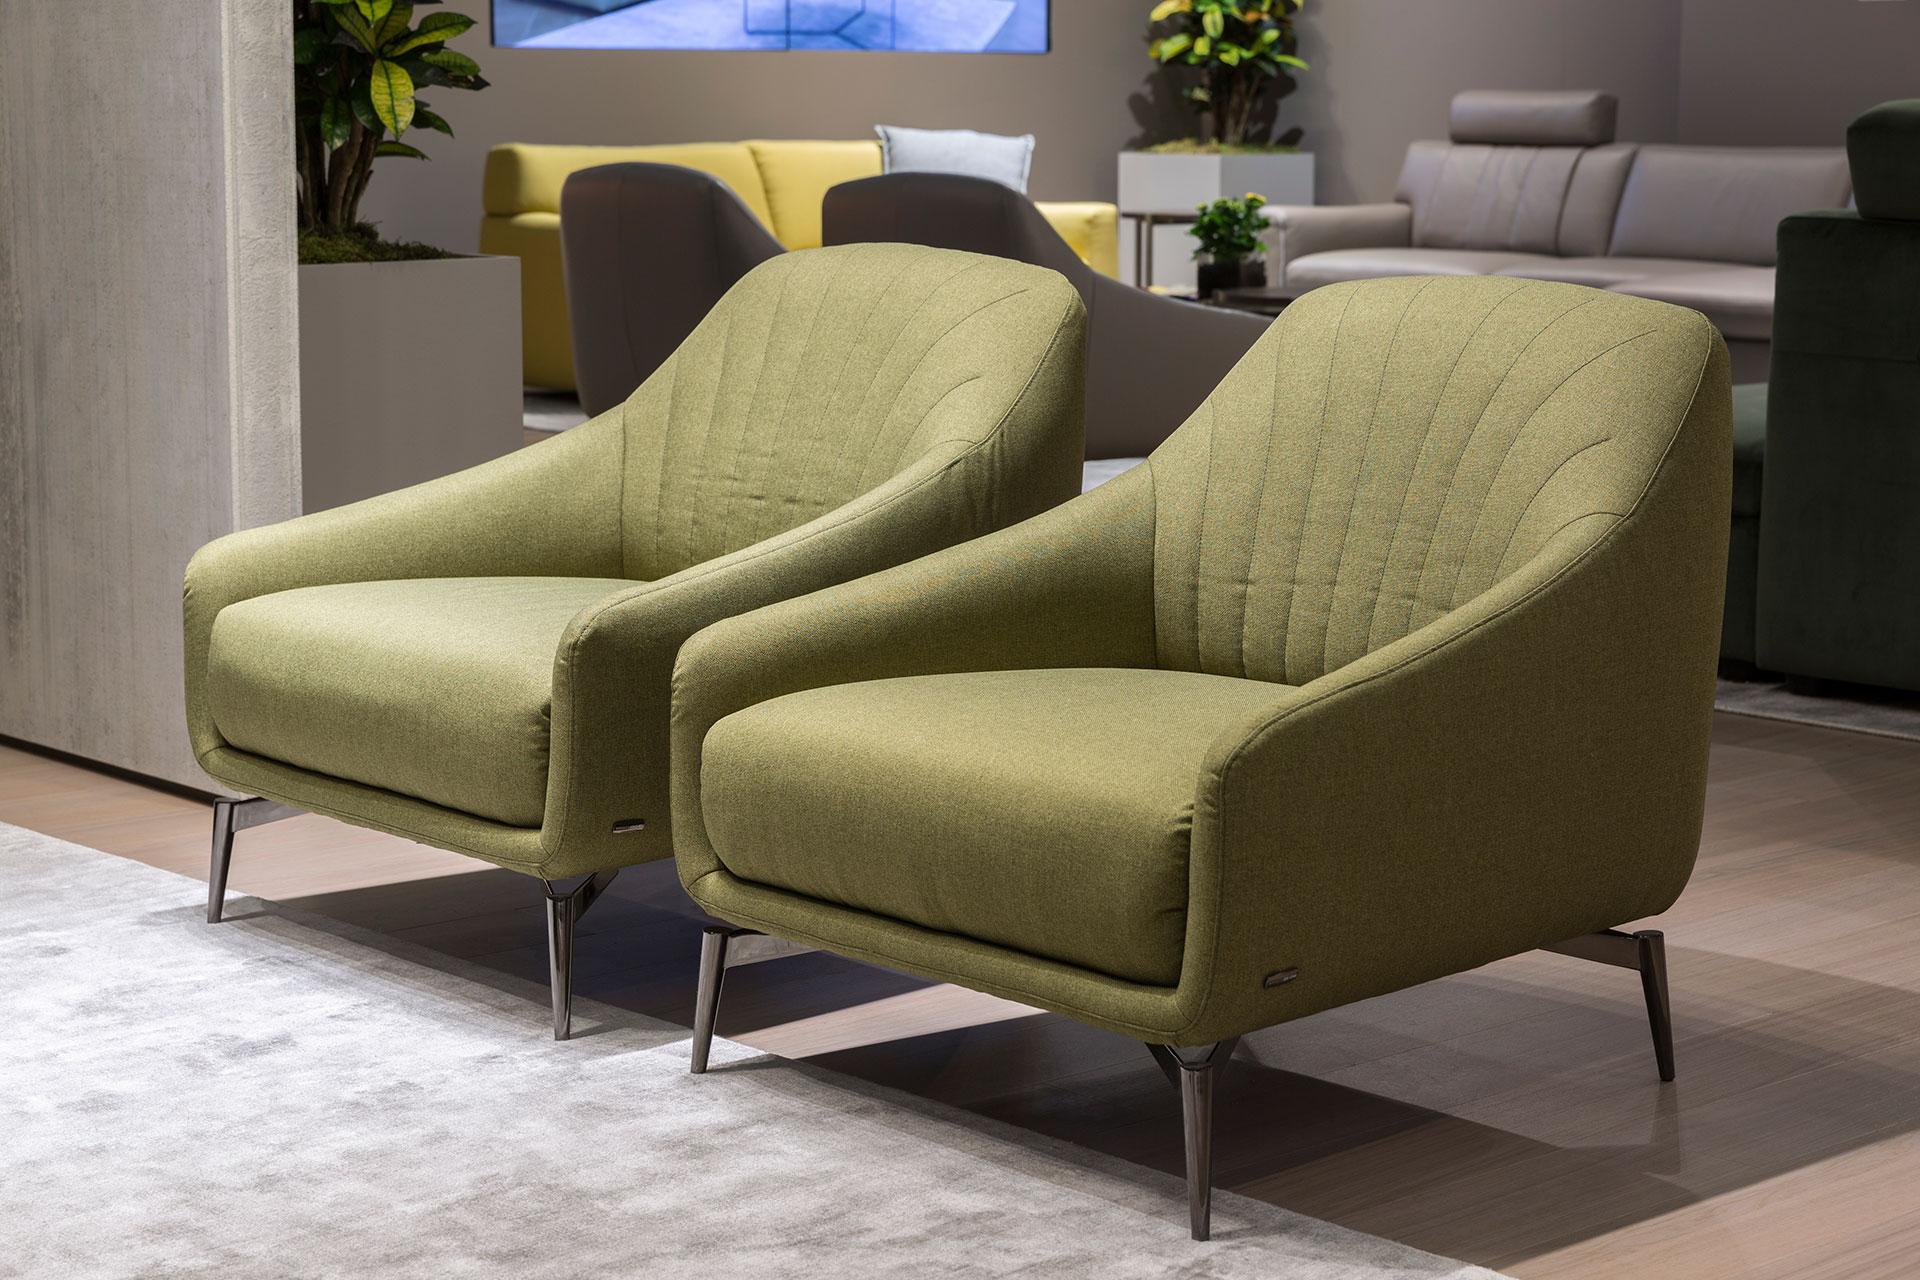 m bel und einrichtungsfotograf fotograf koeln duesseldorf. Black Bedroom Furniture Sets. Home Design Ideas